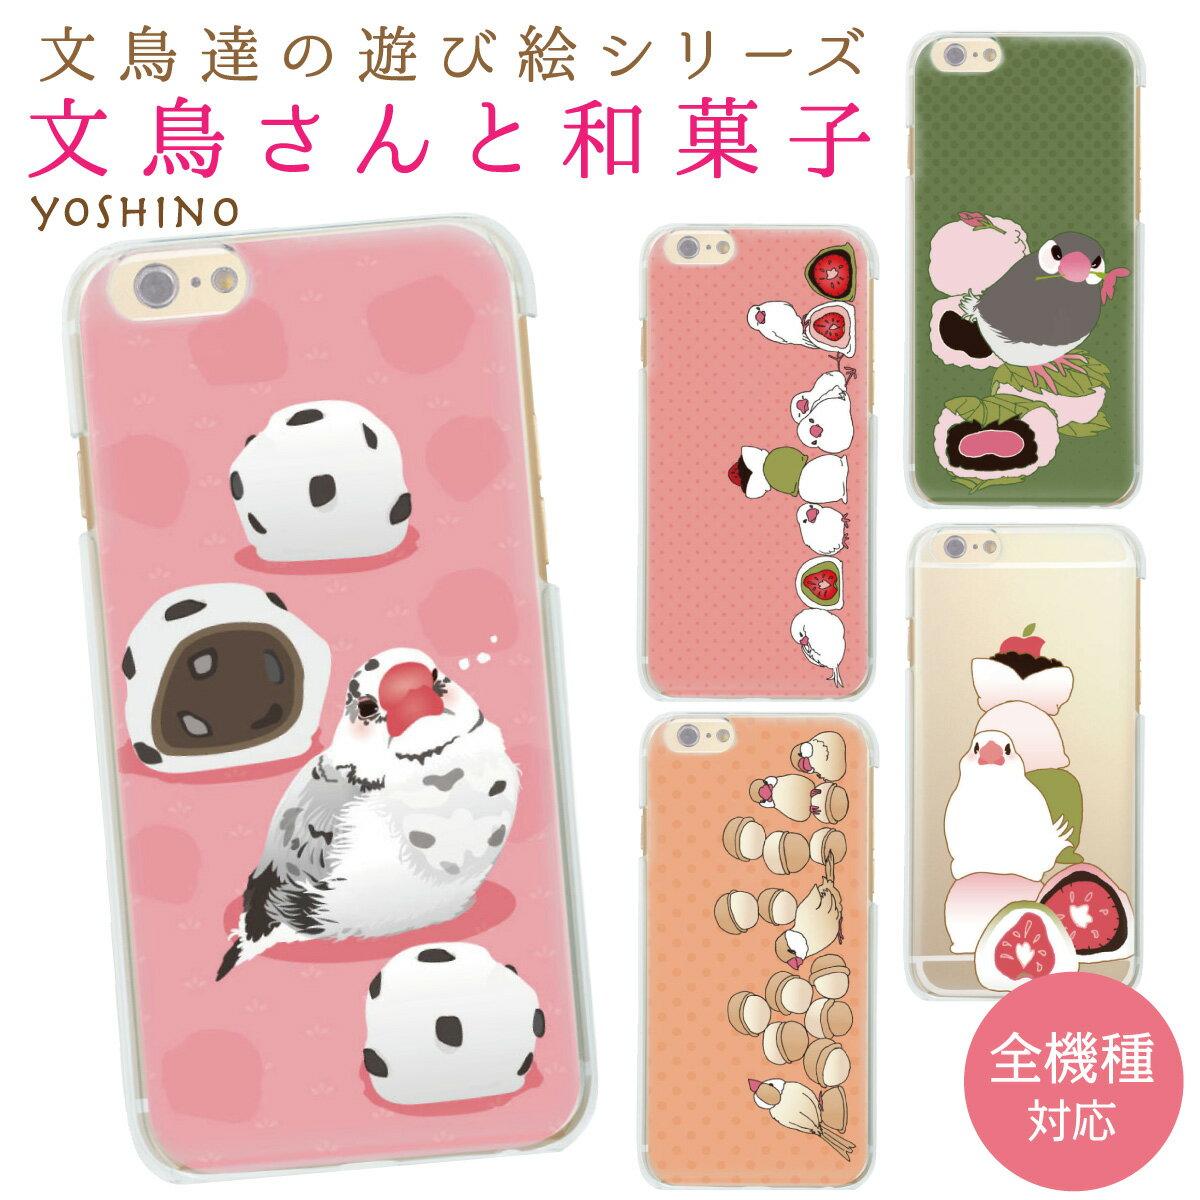 スマホケース 全機種対応 ケース カバー ハードケース クリアケース iPhoneXS Max iPhoneXR iPhoneX iPhone8 iPhone7 iPhone Xperia 1 SO-03L SOV40 Ase XZ3 SO-01L XZ2 XZ1 XZ aquos R3 sh-04l shv44 R2 sh-04k sense2 galaxy S10 S9 S8 文鳥 yoshino 38-zen-06